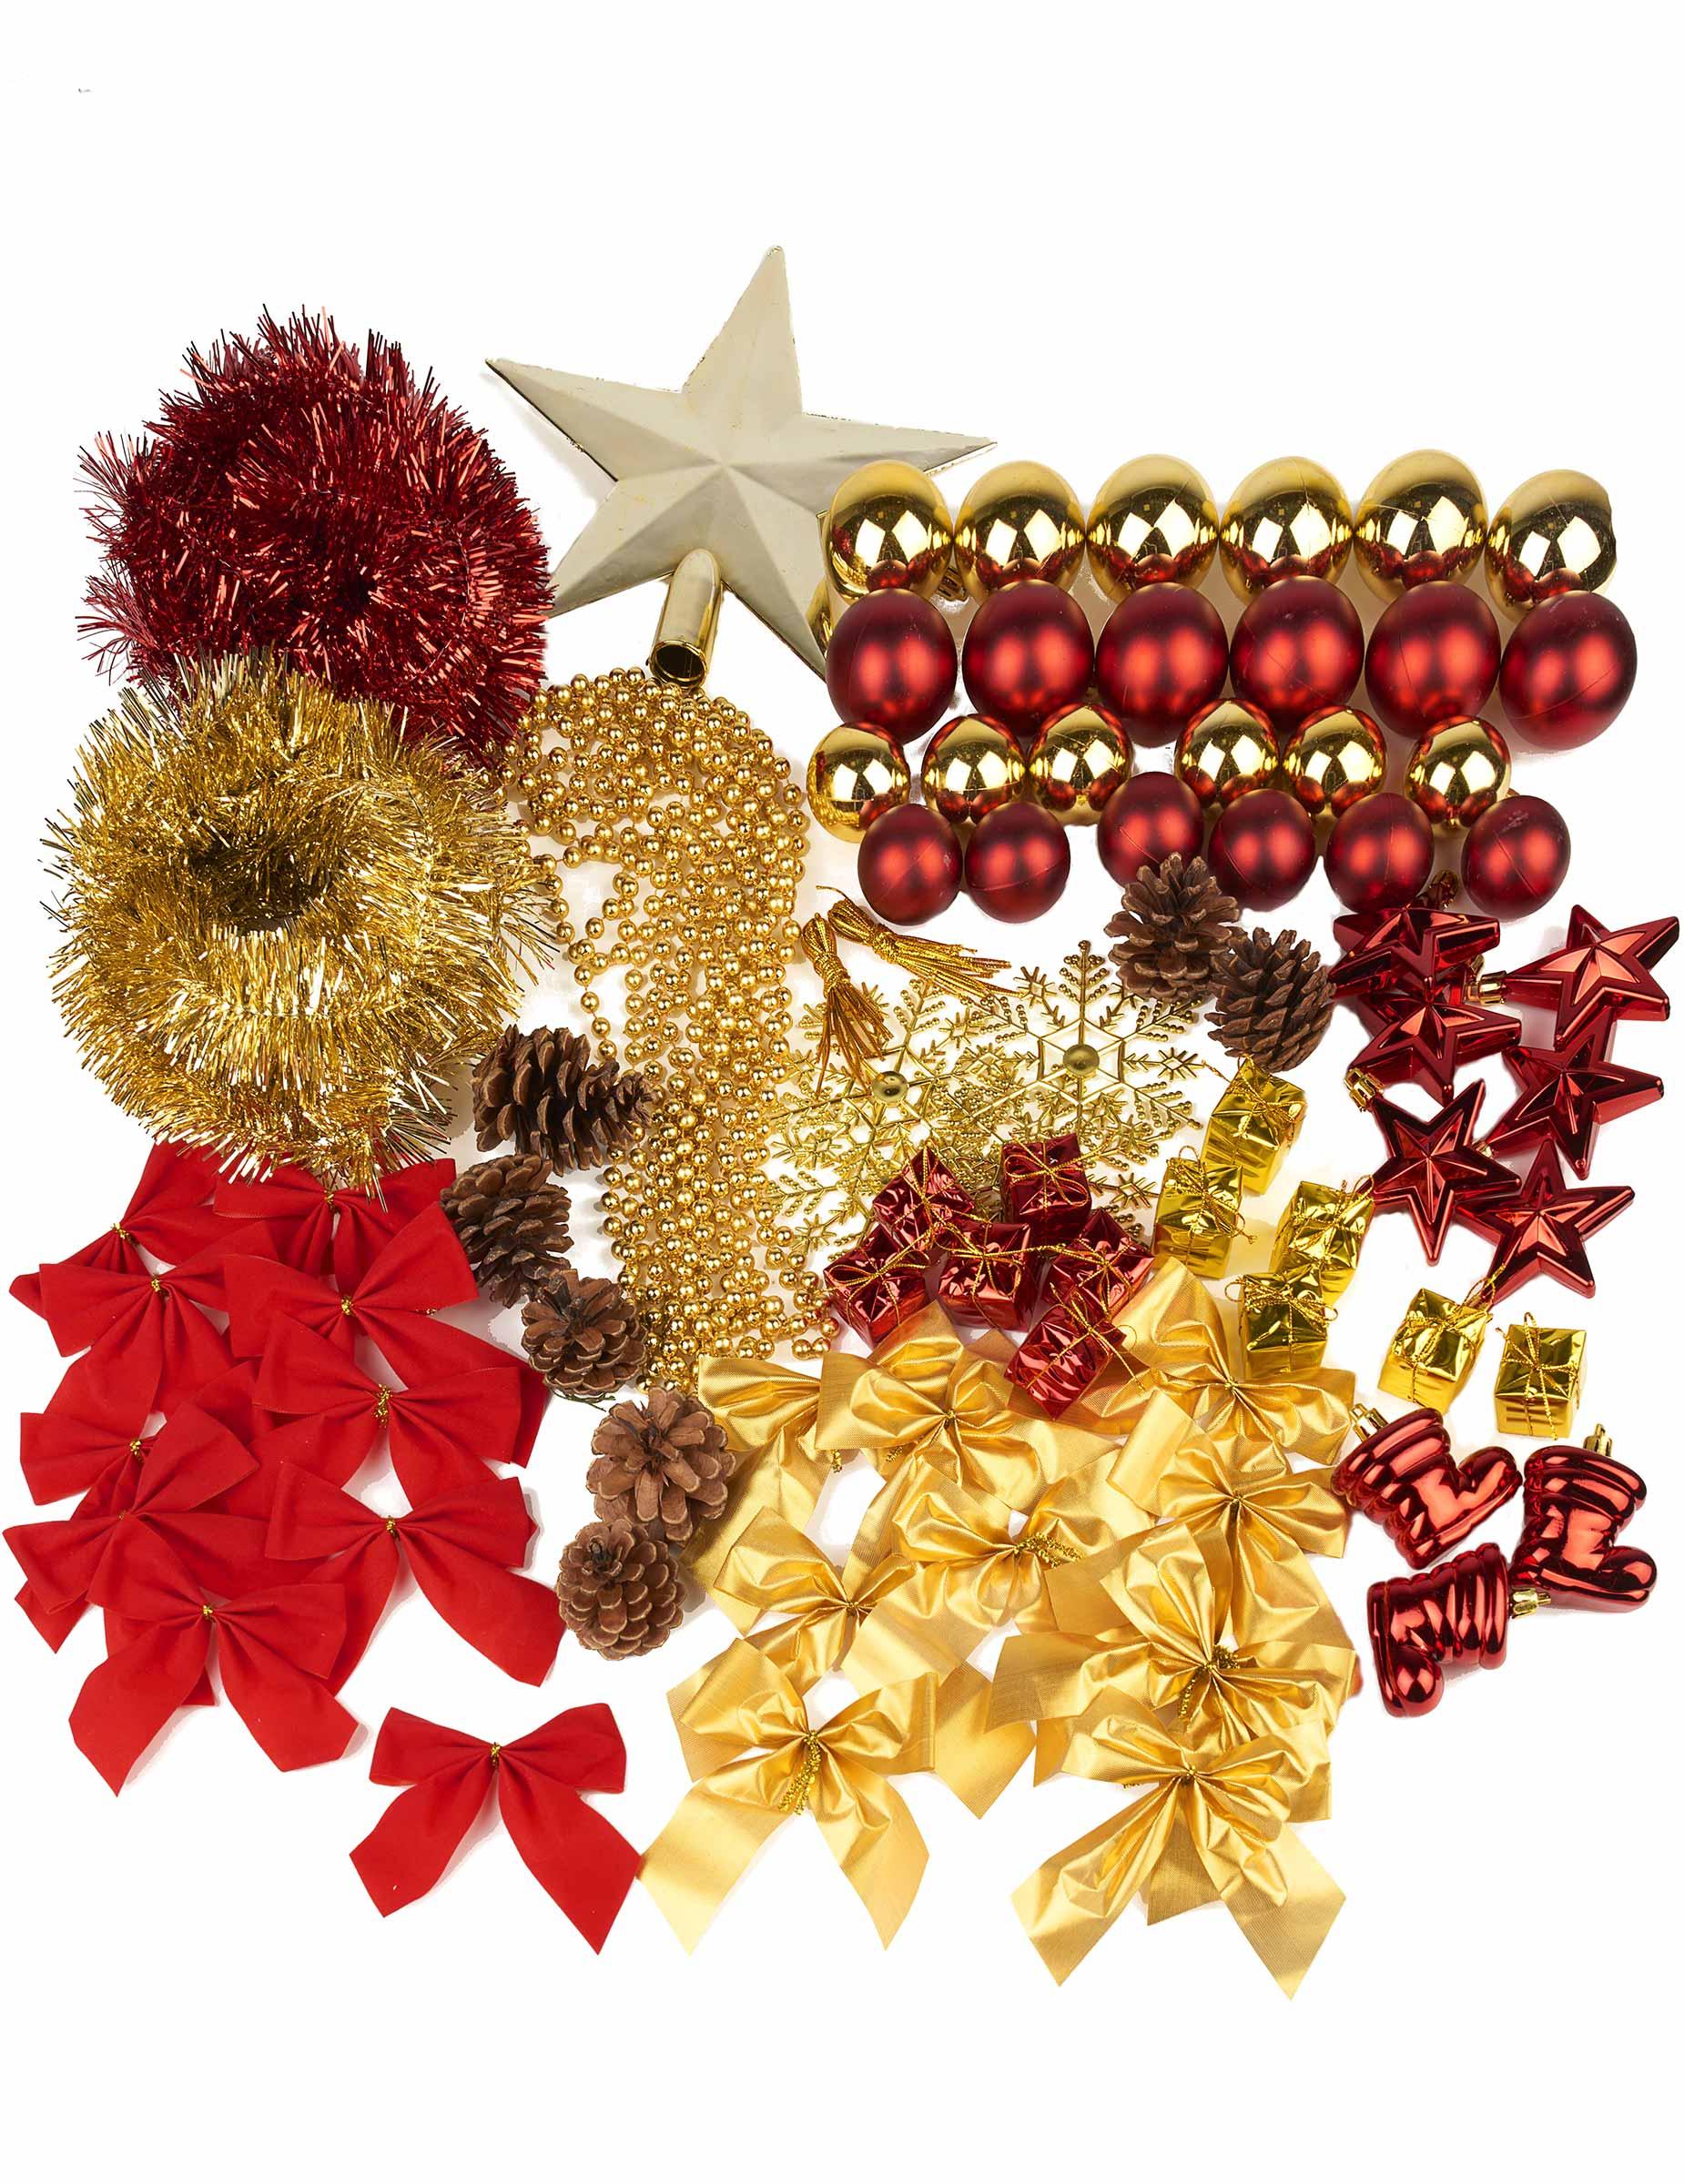 Kit de art culos decorativos para navidad - Decorativos de navidad ...